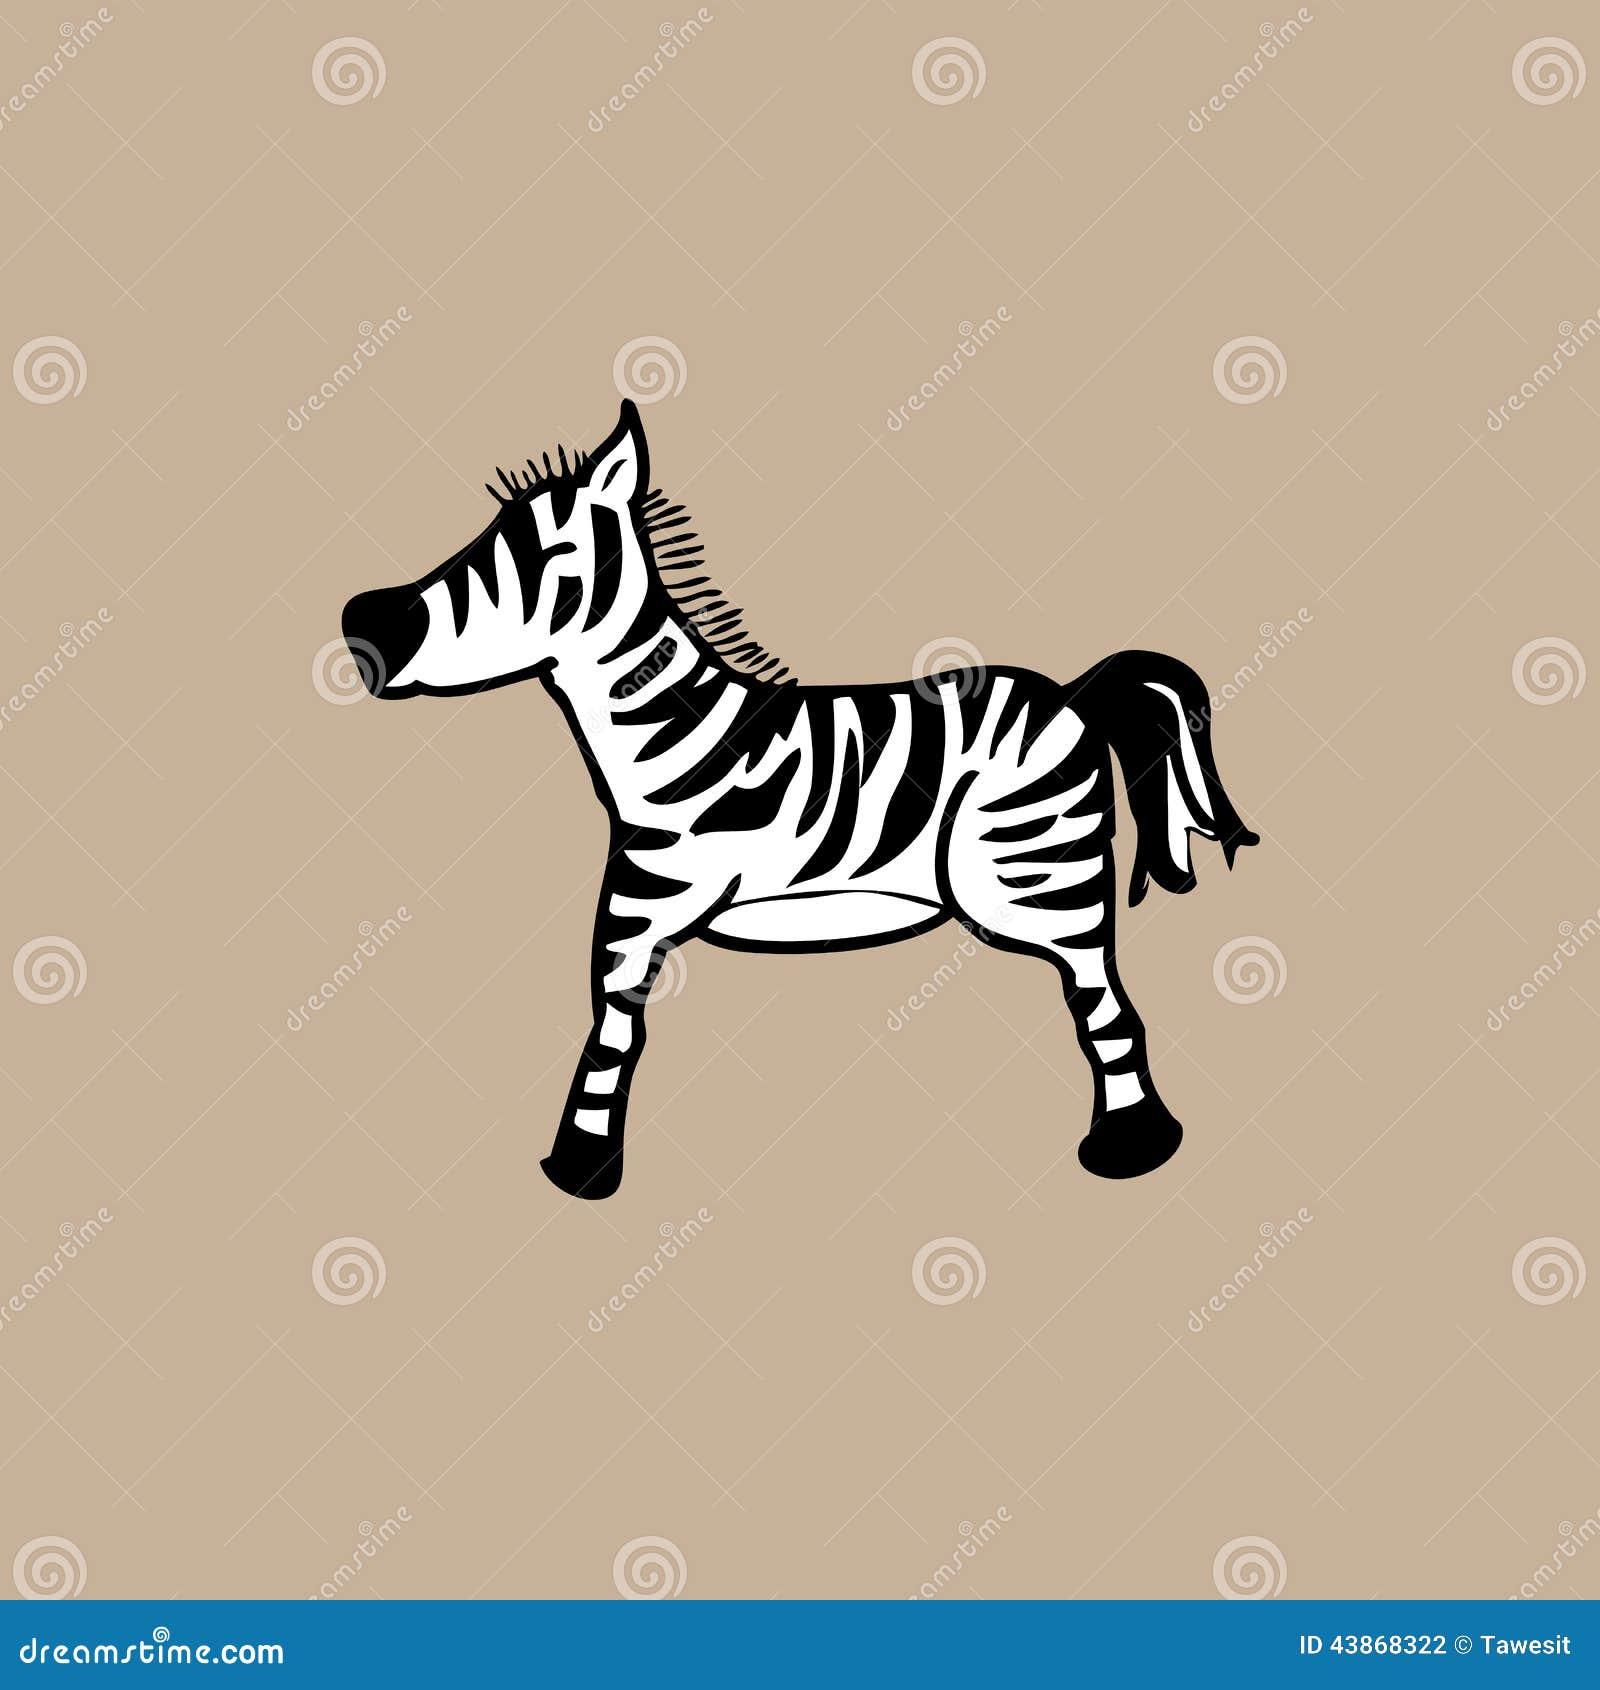 Zebra Character Design : Zebra stock illustration image